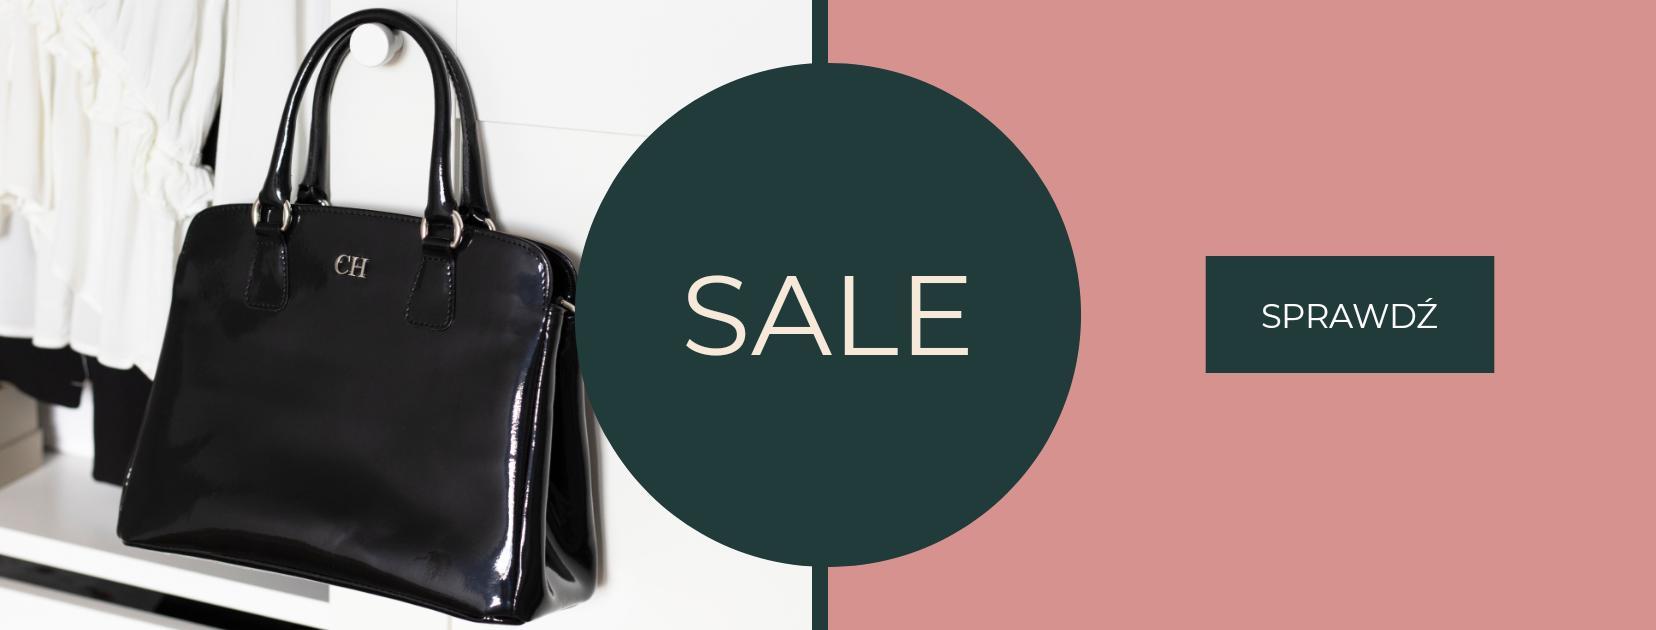 Cholewiński: wyprzedaż do 60% zniżki na walizki, torebki, rękawiczki, portfele, paski, teczki, plecaki, torby, obuwie